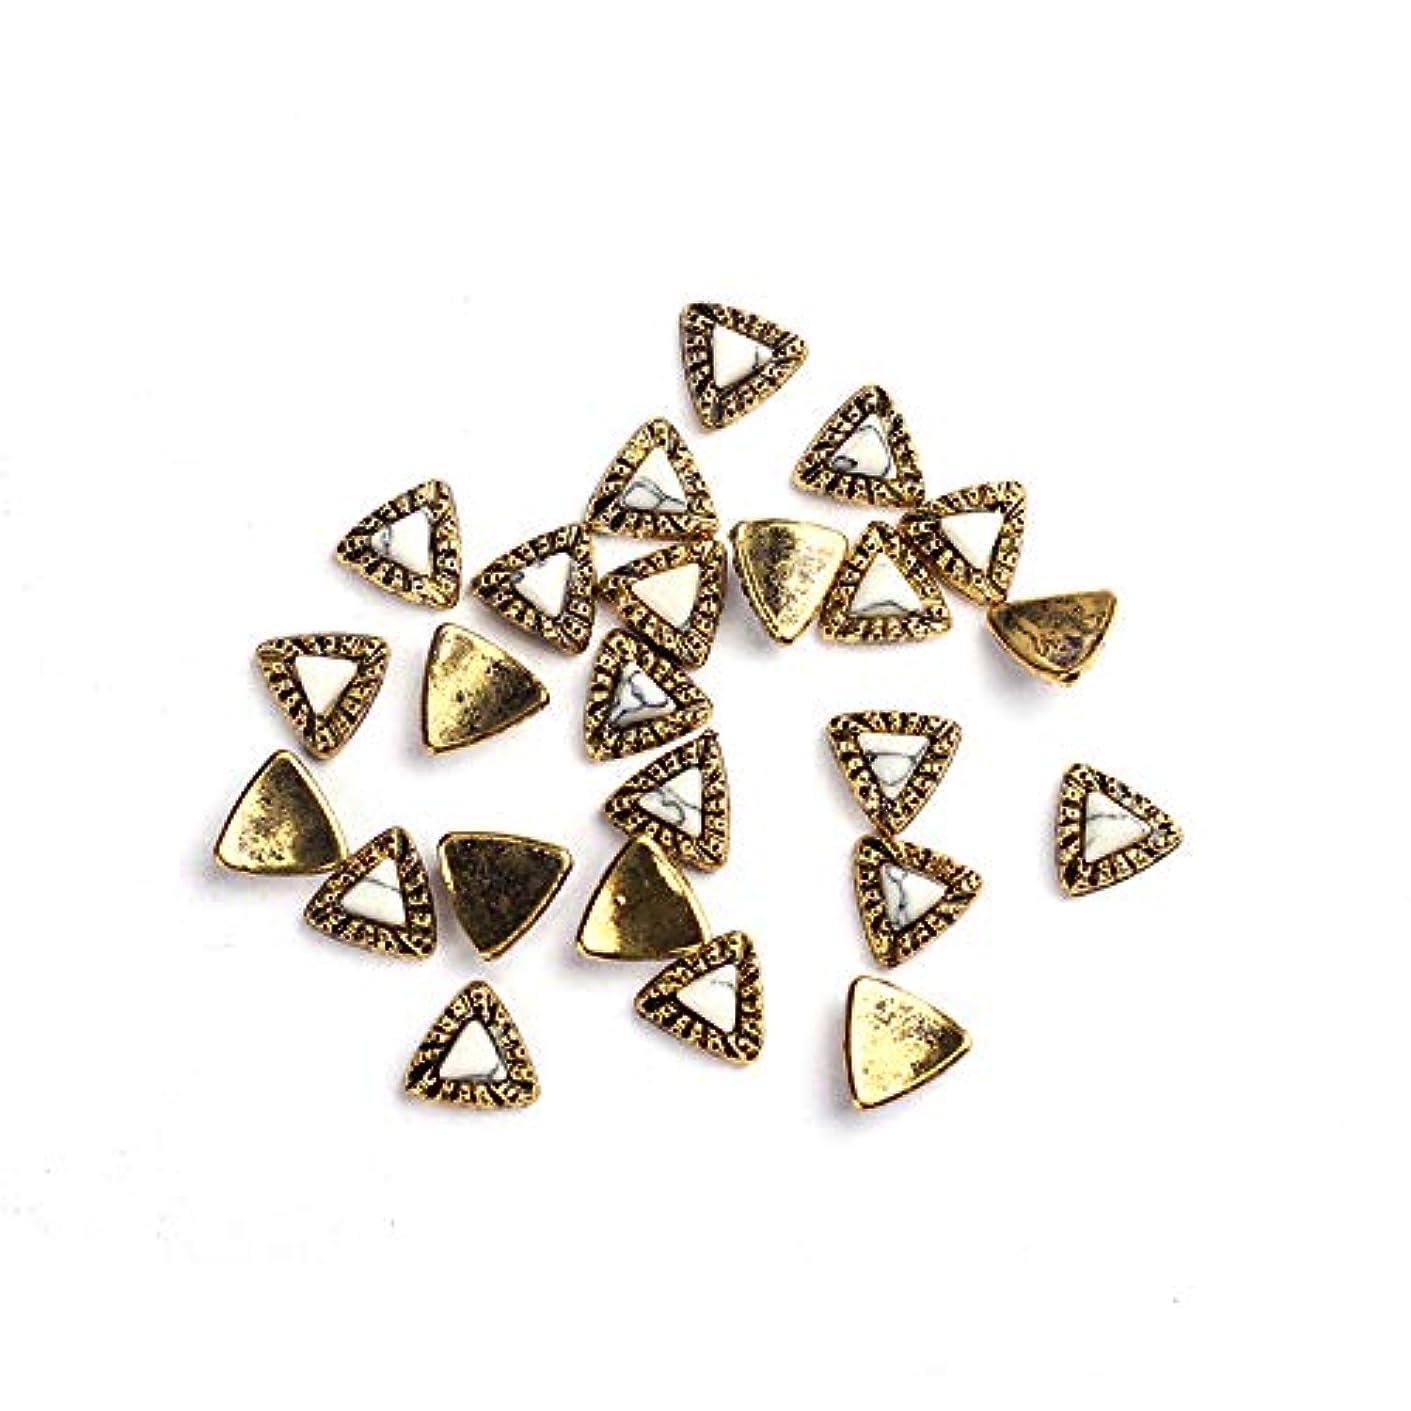 みすぼらしい謎めいた含む20枚/ロットDIY UVチャームジュエリーアクセサリーについてはゴールデン亜鉛合金の金属小さな三角形UVジェルアート装飾セットビーズ